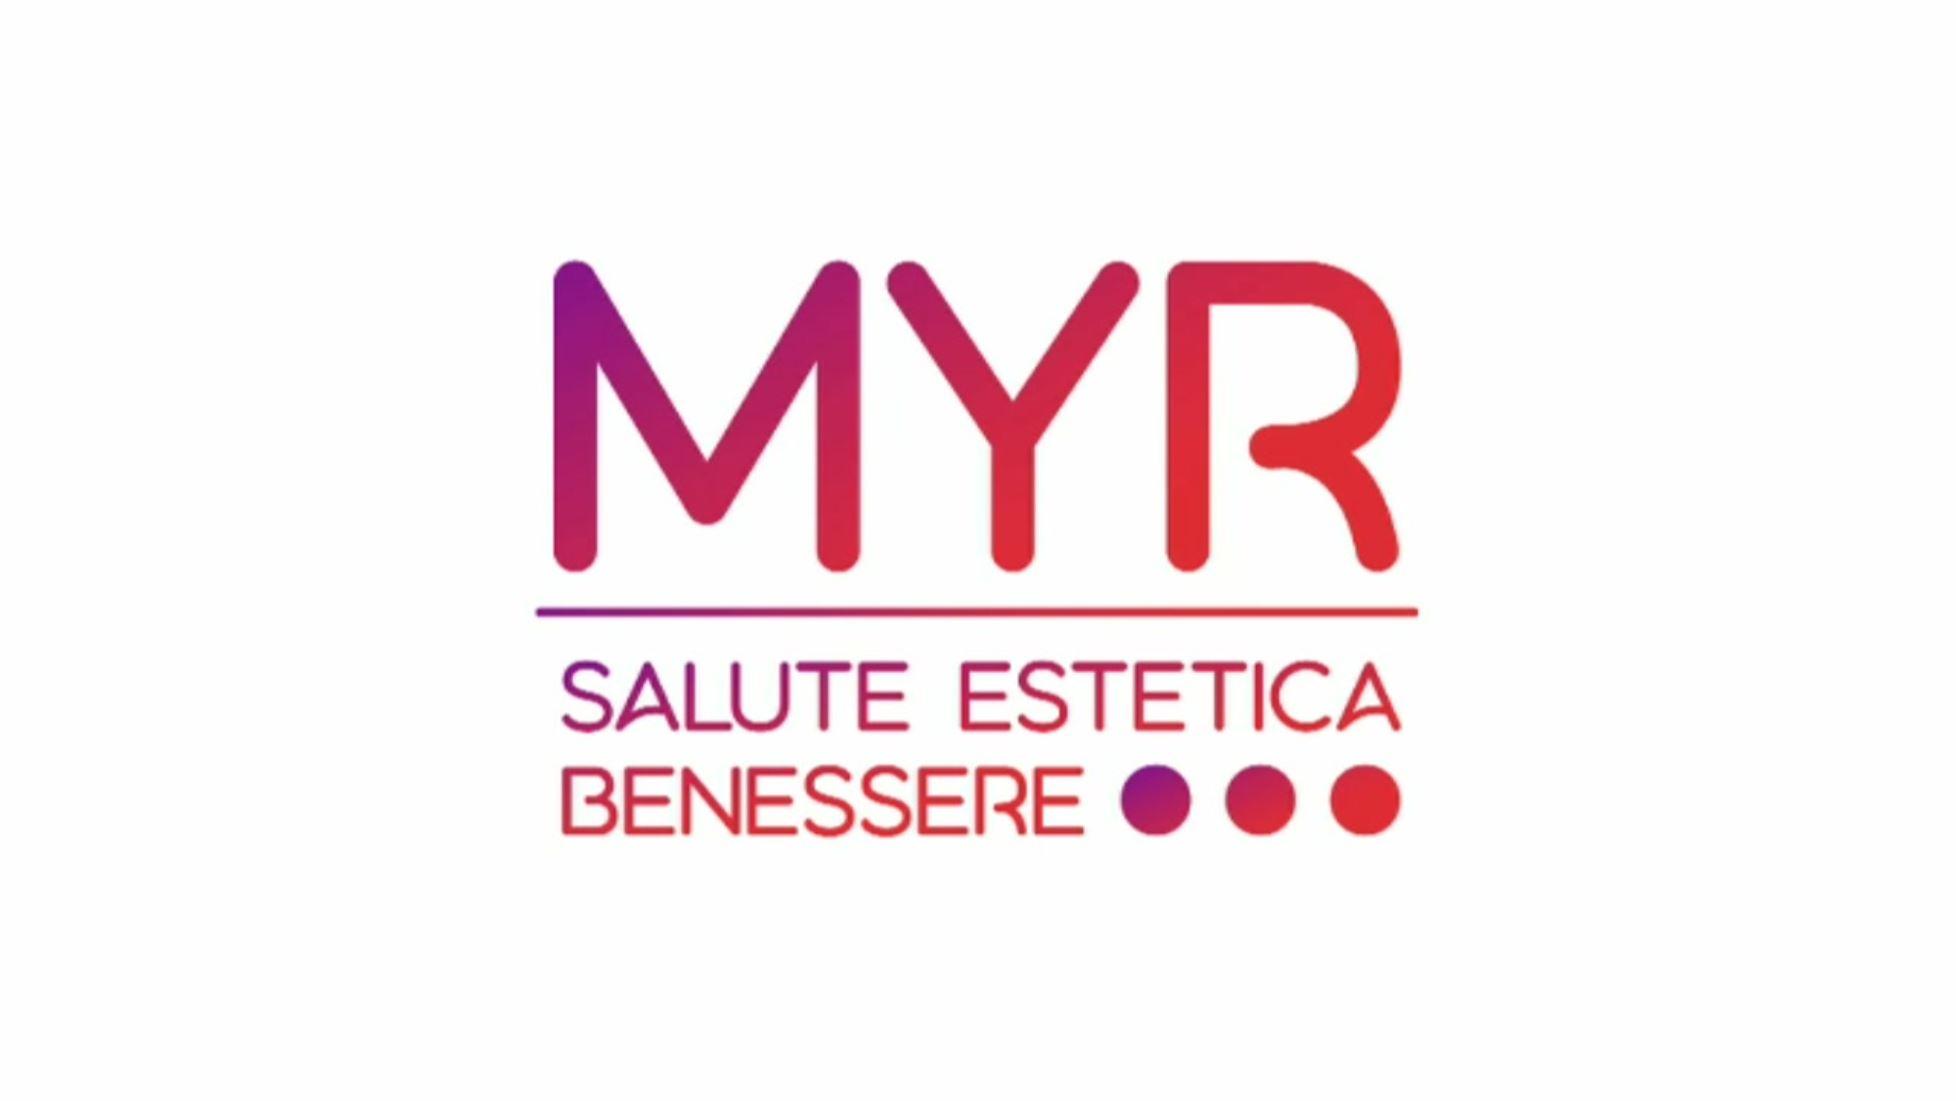 Myr Salute Estica Benessere Myr Salute Estetica Bellezza Video Mediaset Play